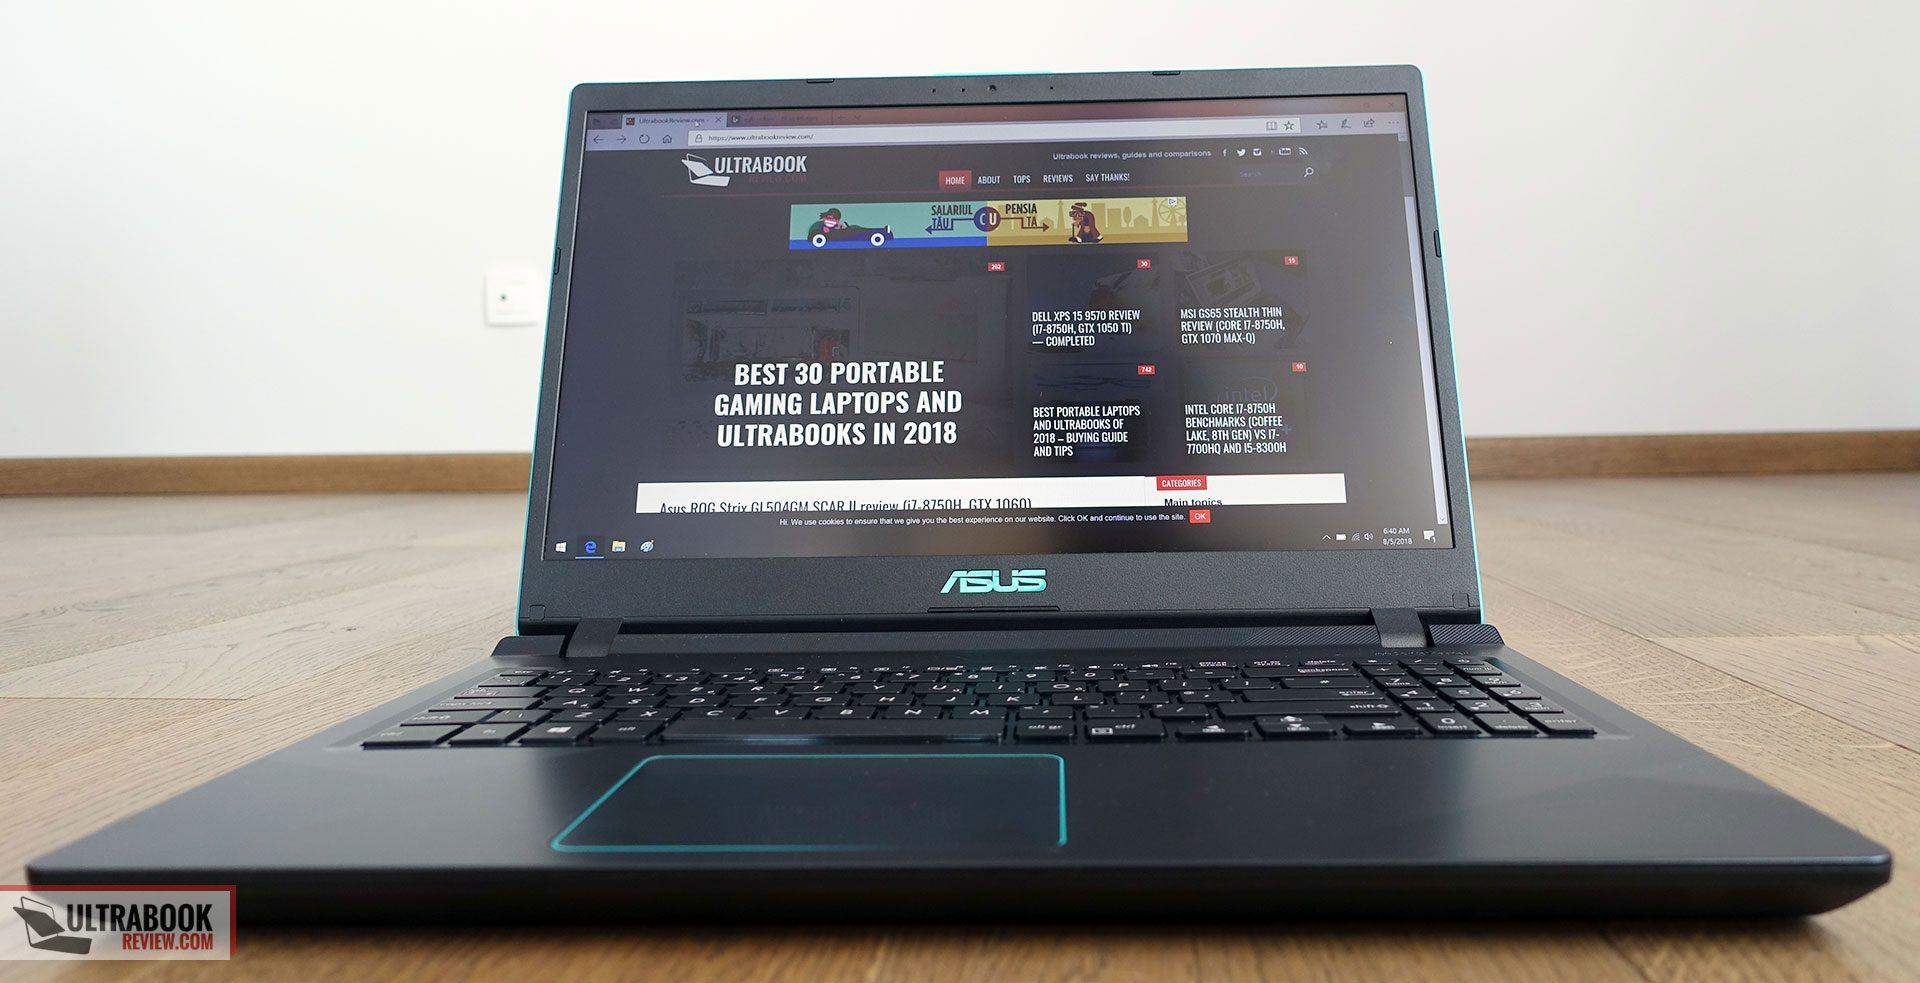 ASUS VivoBook 15 X560UD / K560UD review (Core i5-8250U